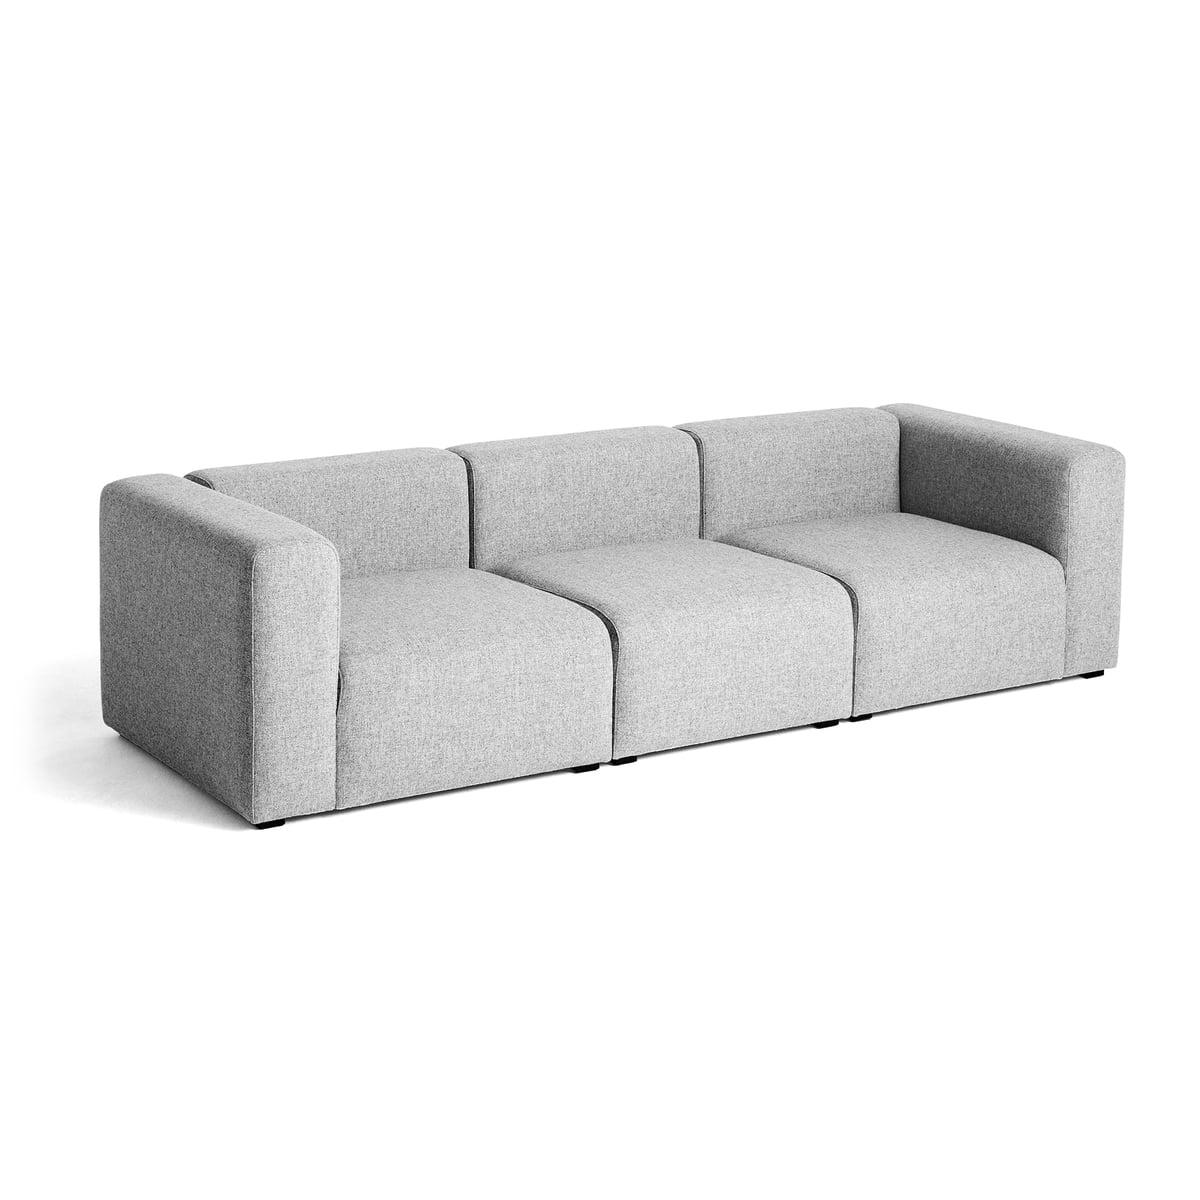 Mags Sofa 3 Sitzer, Kombination 1 Von Hay In Grau (Hallingdal 130)